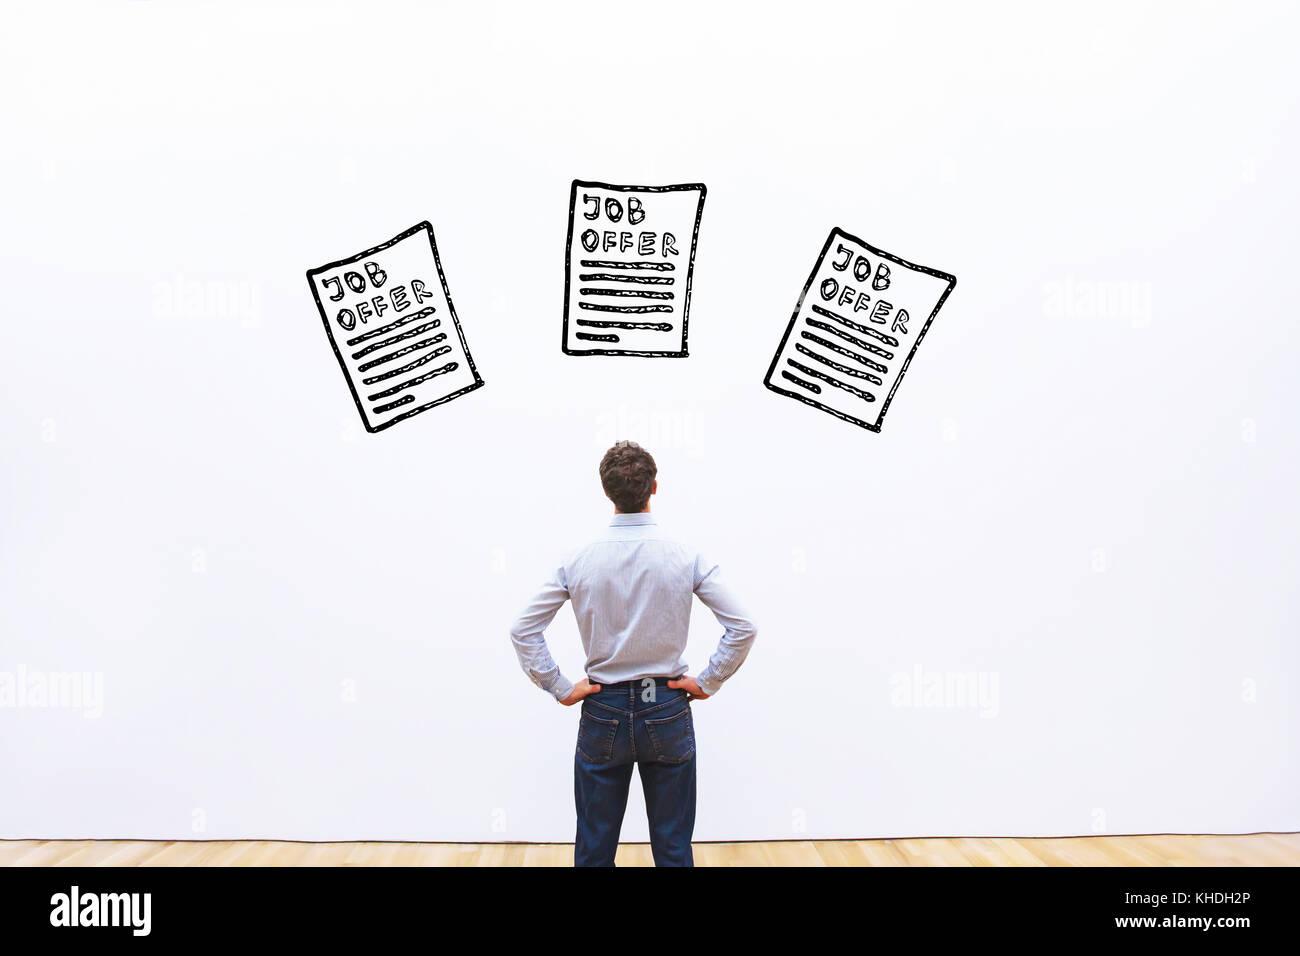 La scelta di carriera concetto, uomo d affari guardando alla scelta di molte offerte di lavoro Immagini Stock